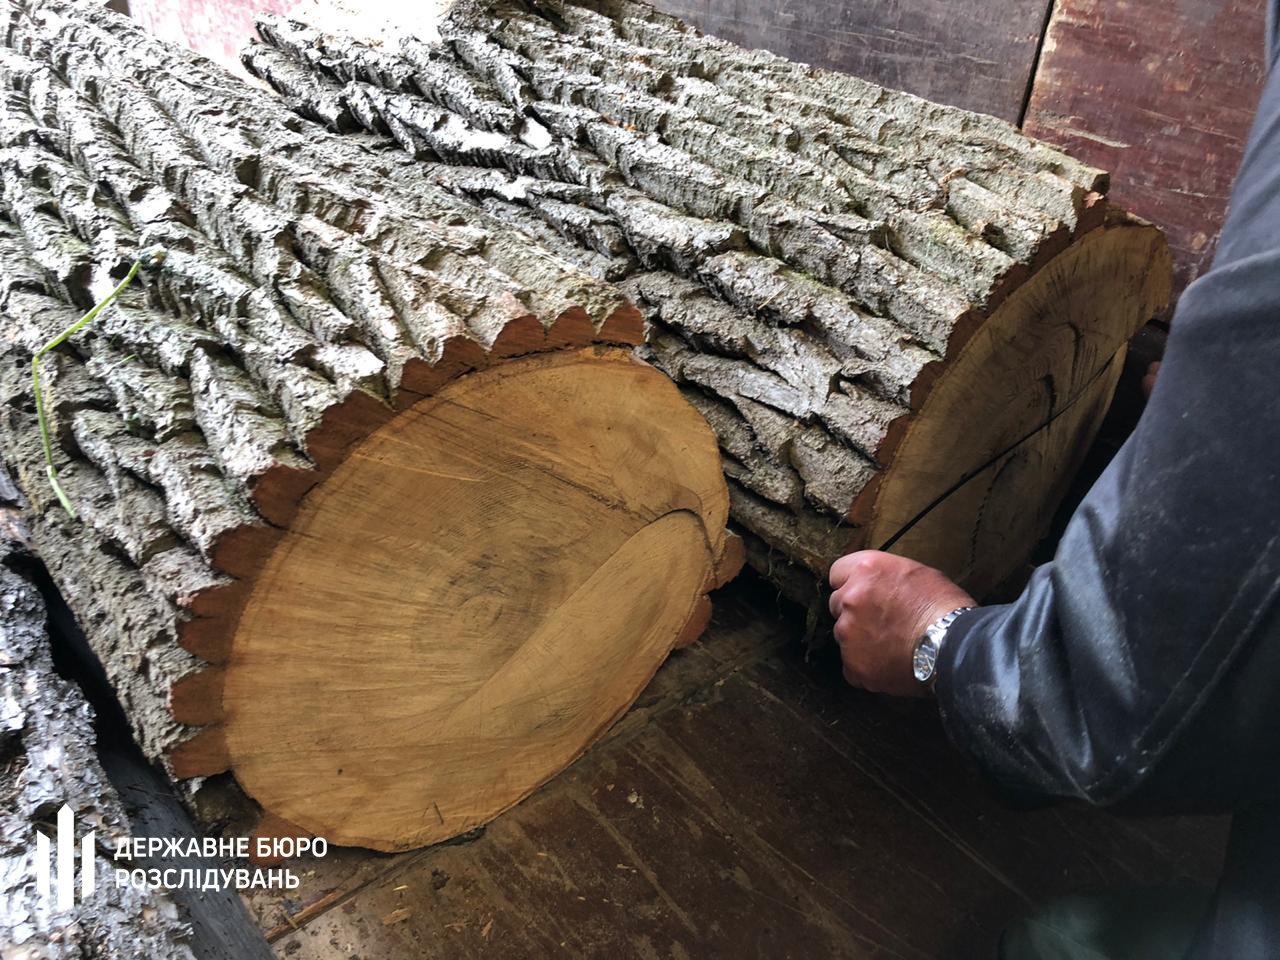 Хабар та незаконна вирубка і збут деревини – хмельницькі правоохоронці затримали прикордонника, фото-3